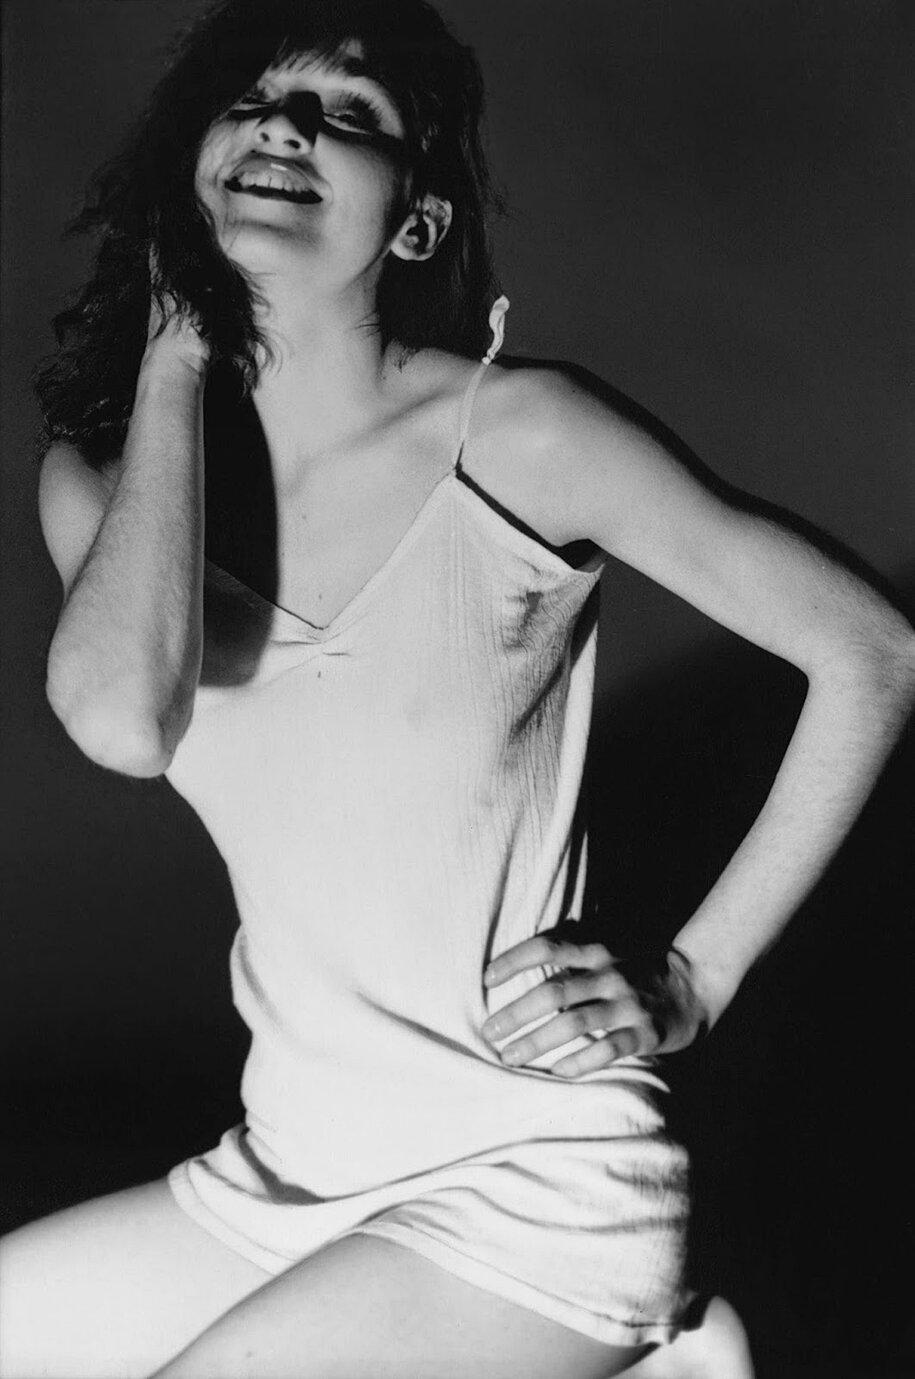 madonna-foto-anni-70-prima-di-diventare-famosa-new-york-08